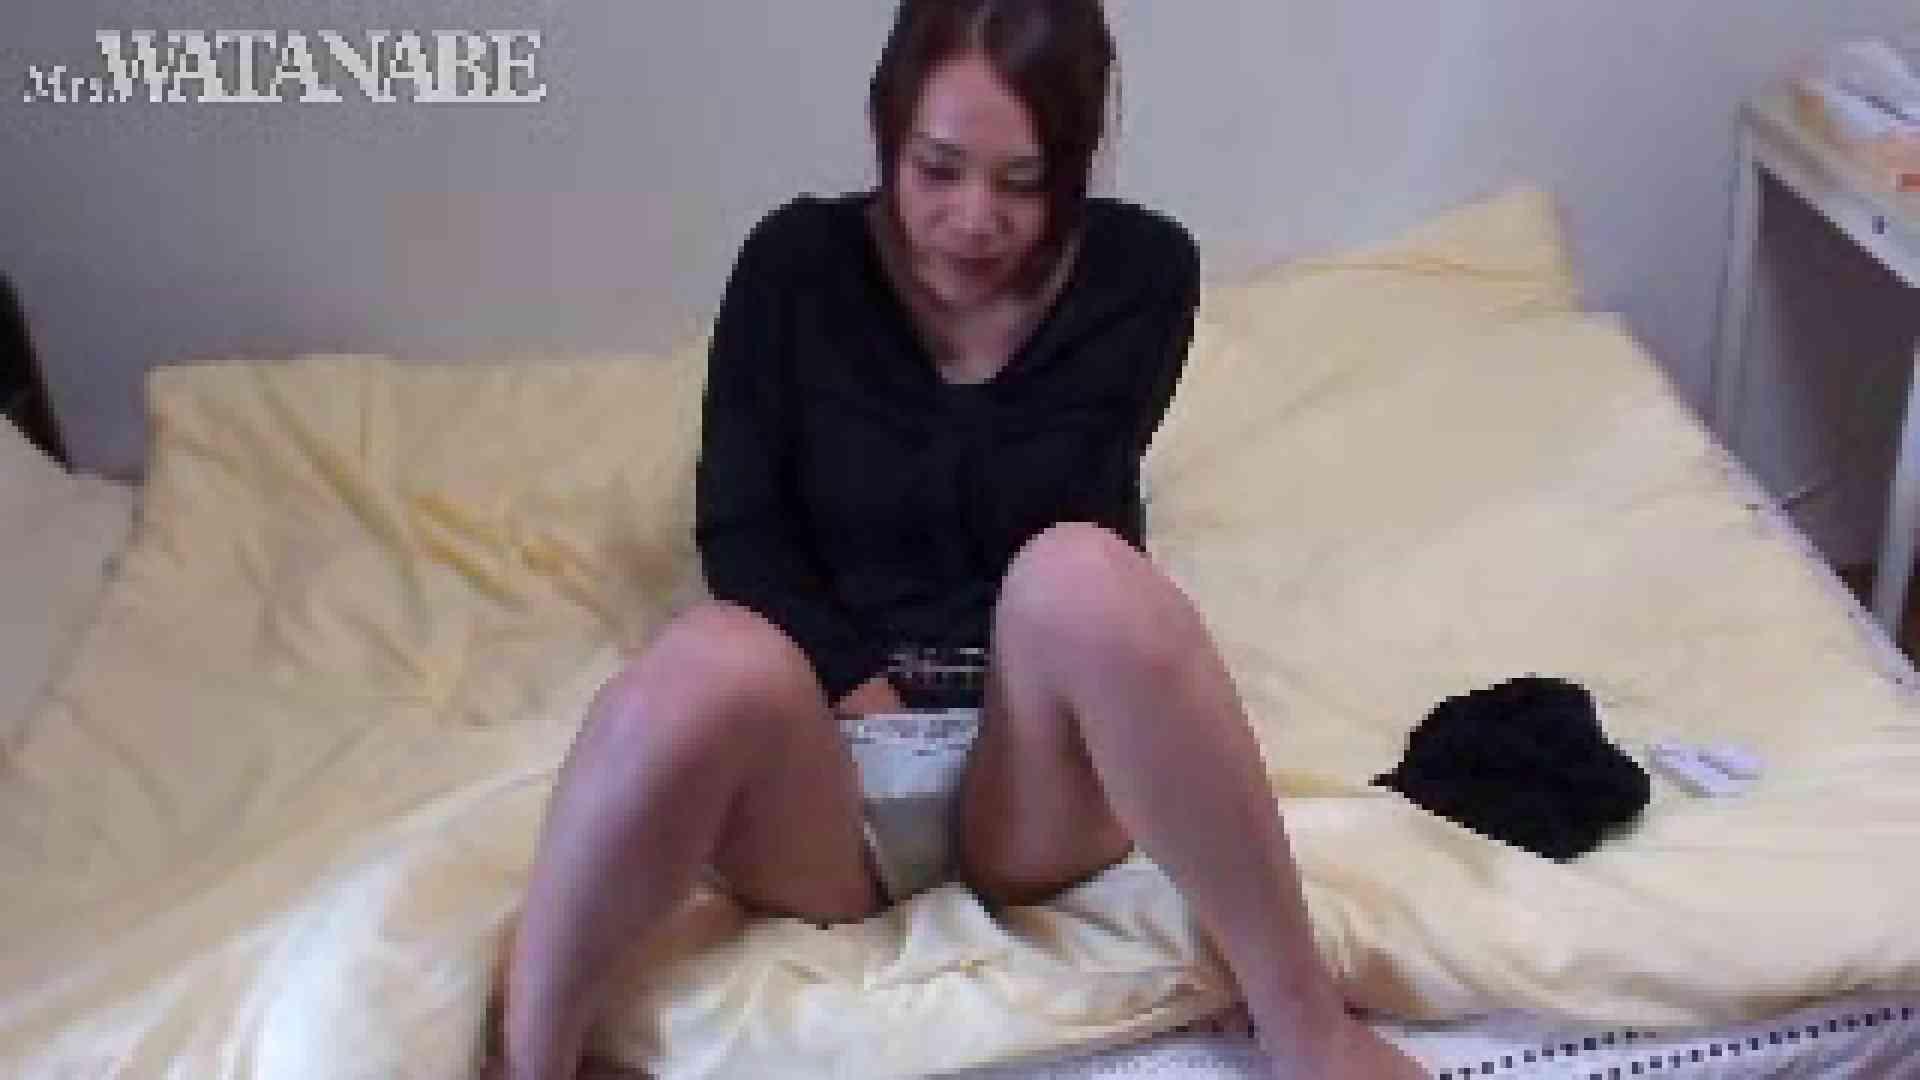 SNSで出会った人妻をハメ撮りしちゃいます 2回目 前編 熟女  33連発 25